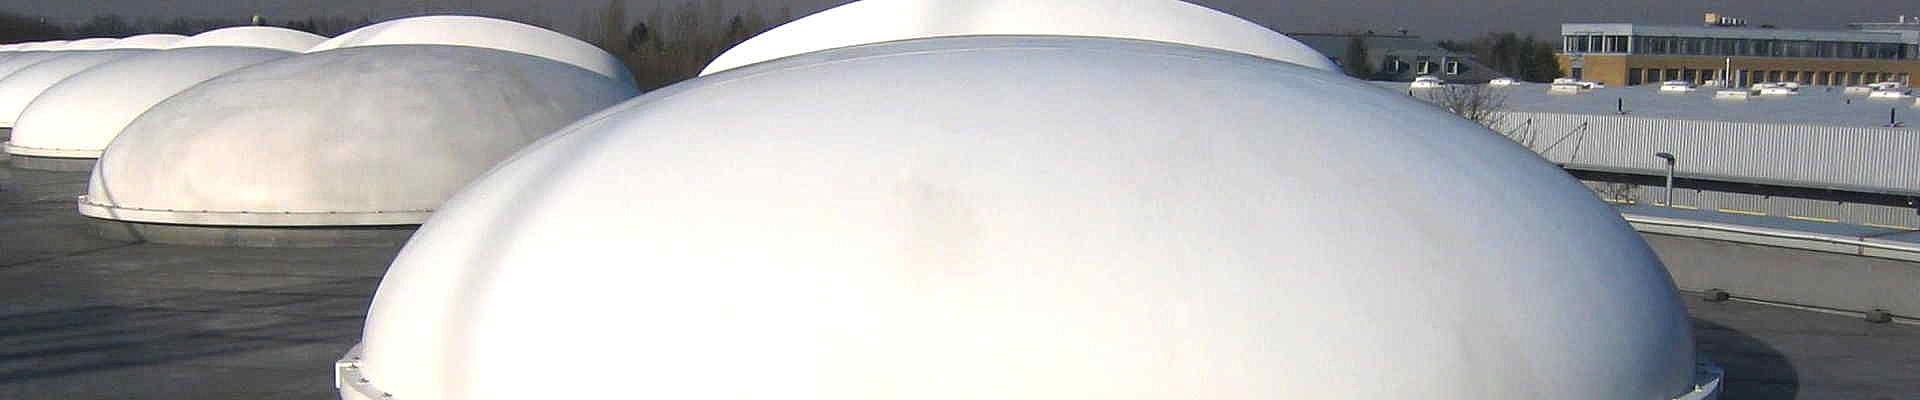 Lichtkuppeln sind Dachdurchdringungen